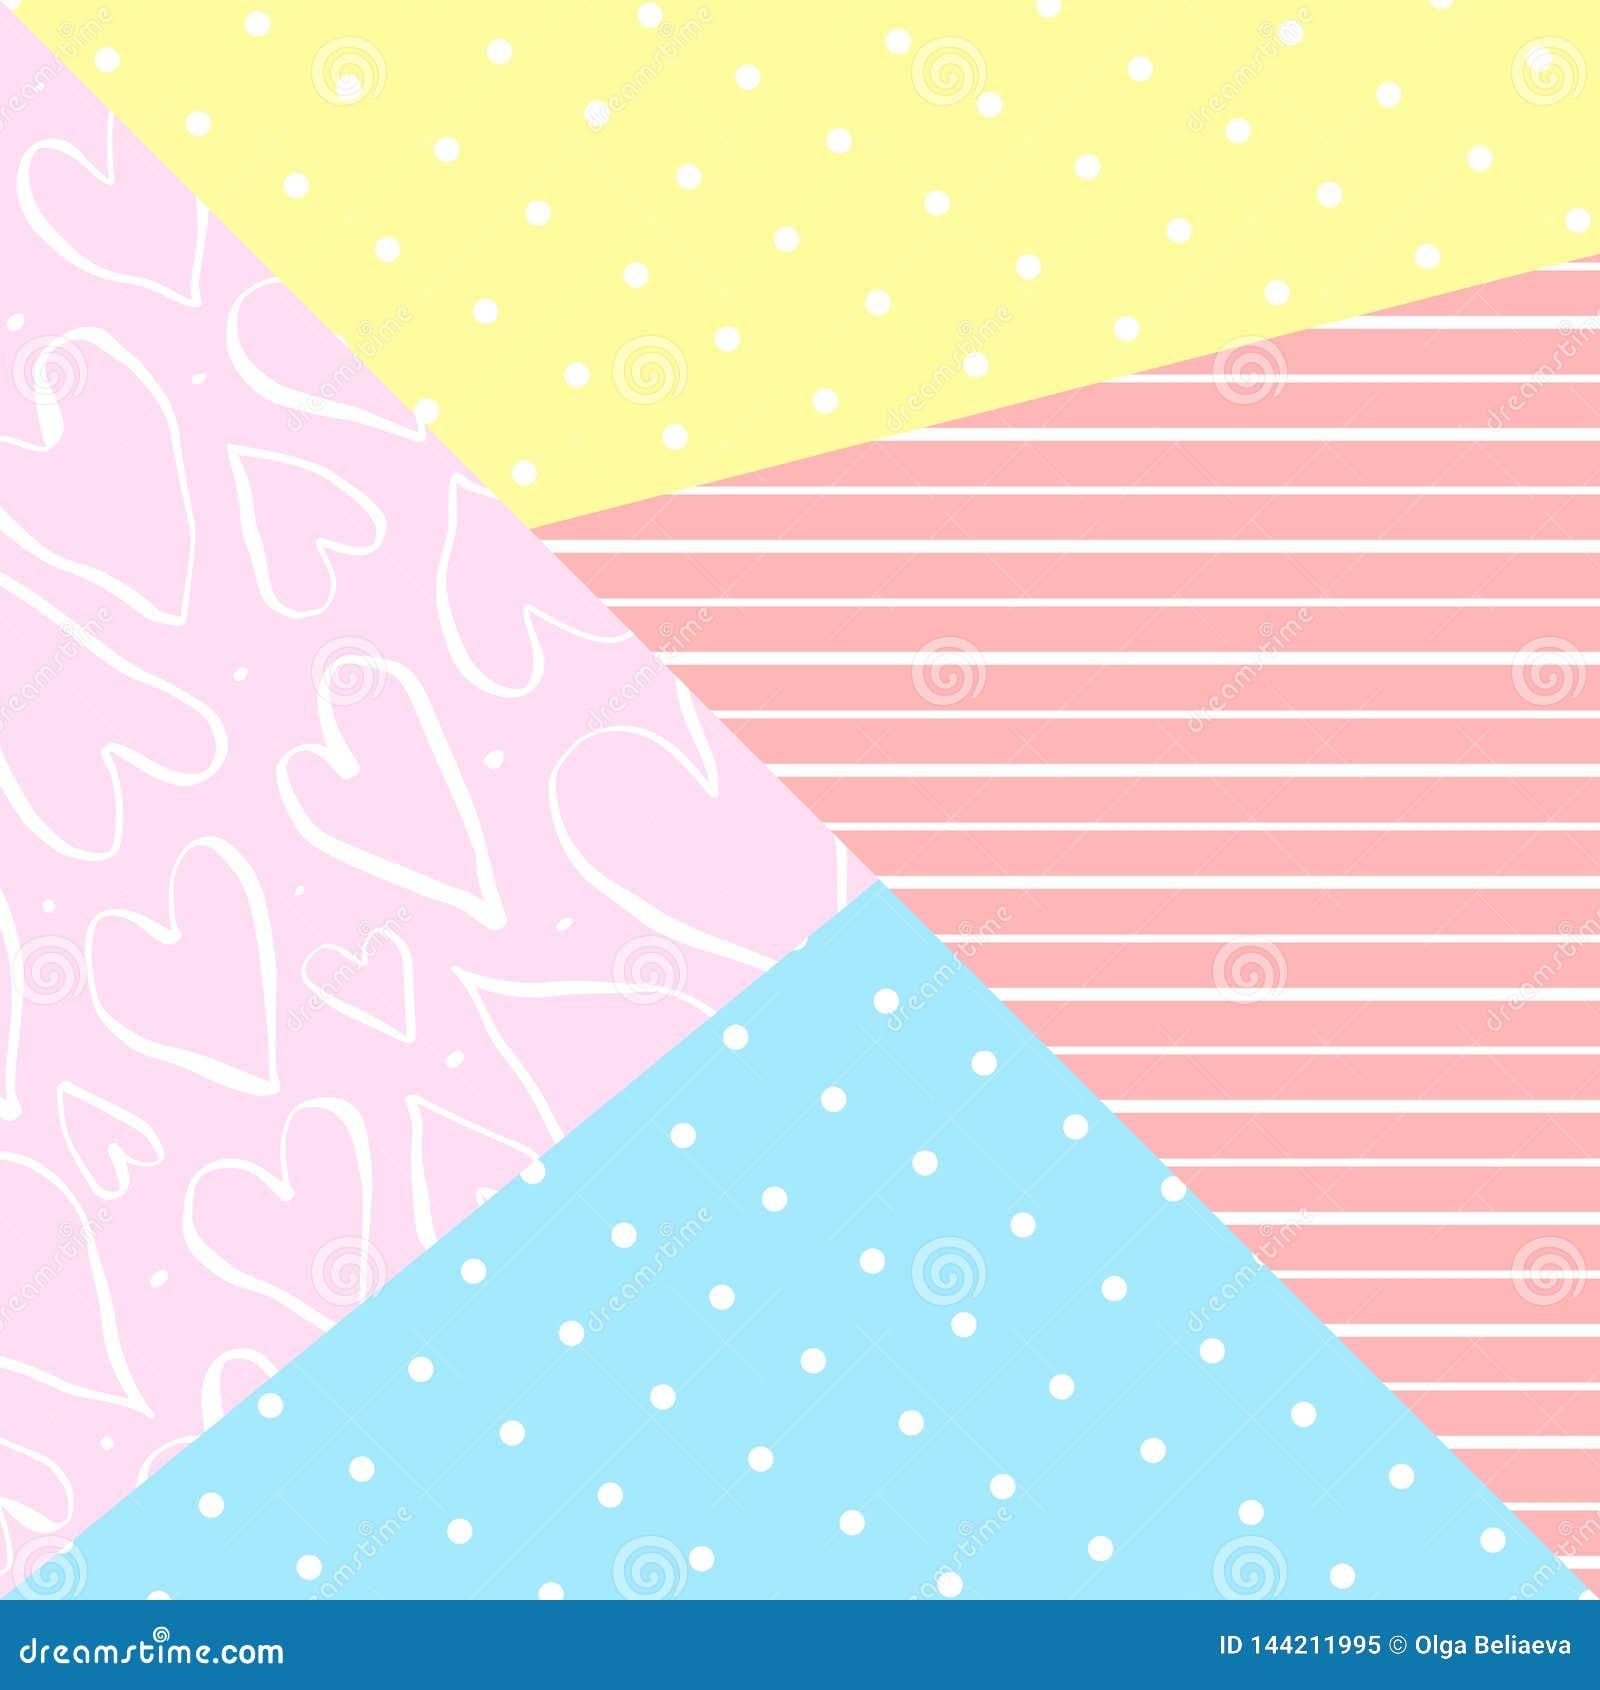 Gullig geometrisk bakgrund för vektor med dekorbeståndsdelar